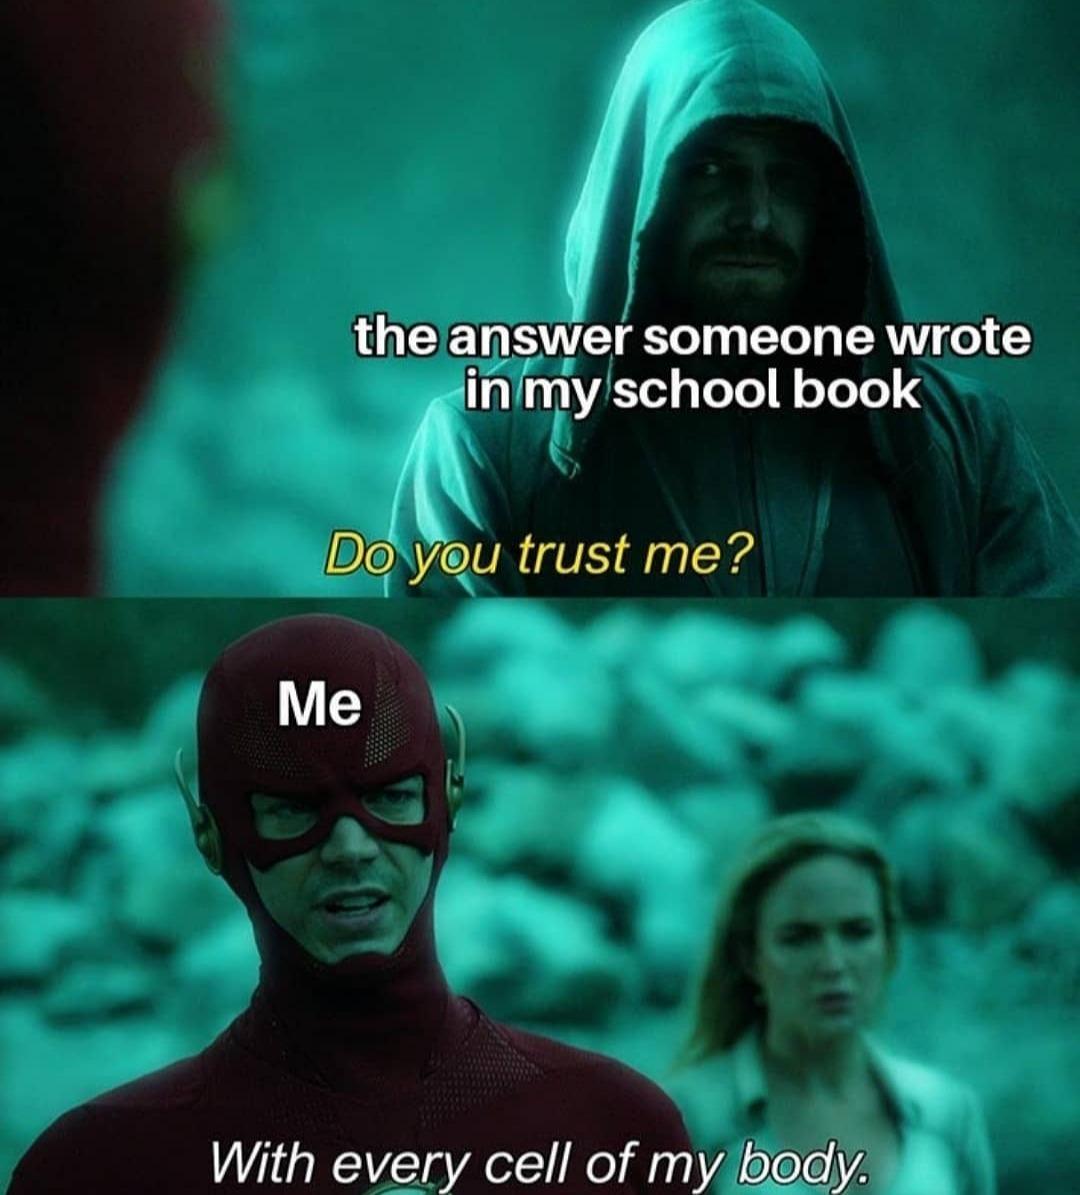 He is a hero - meme